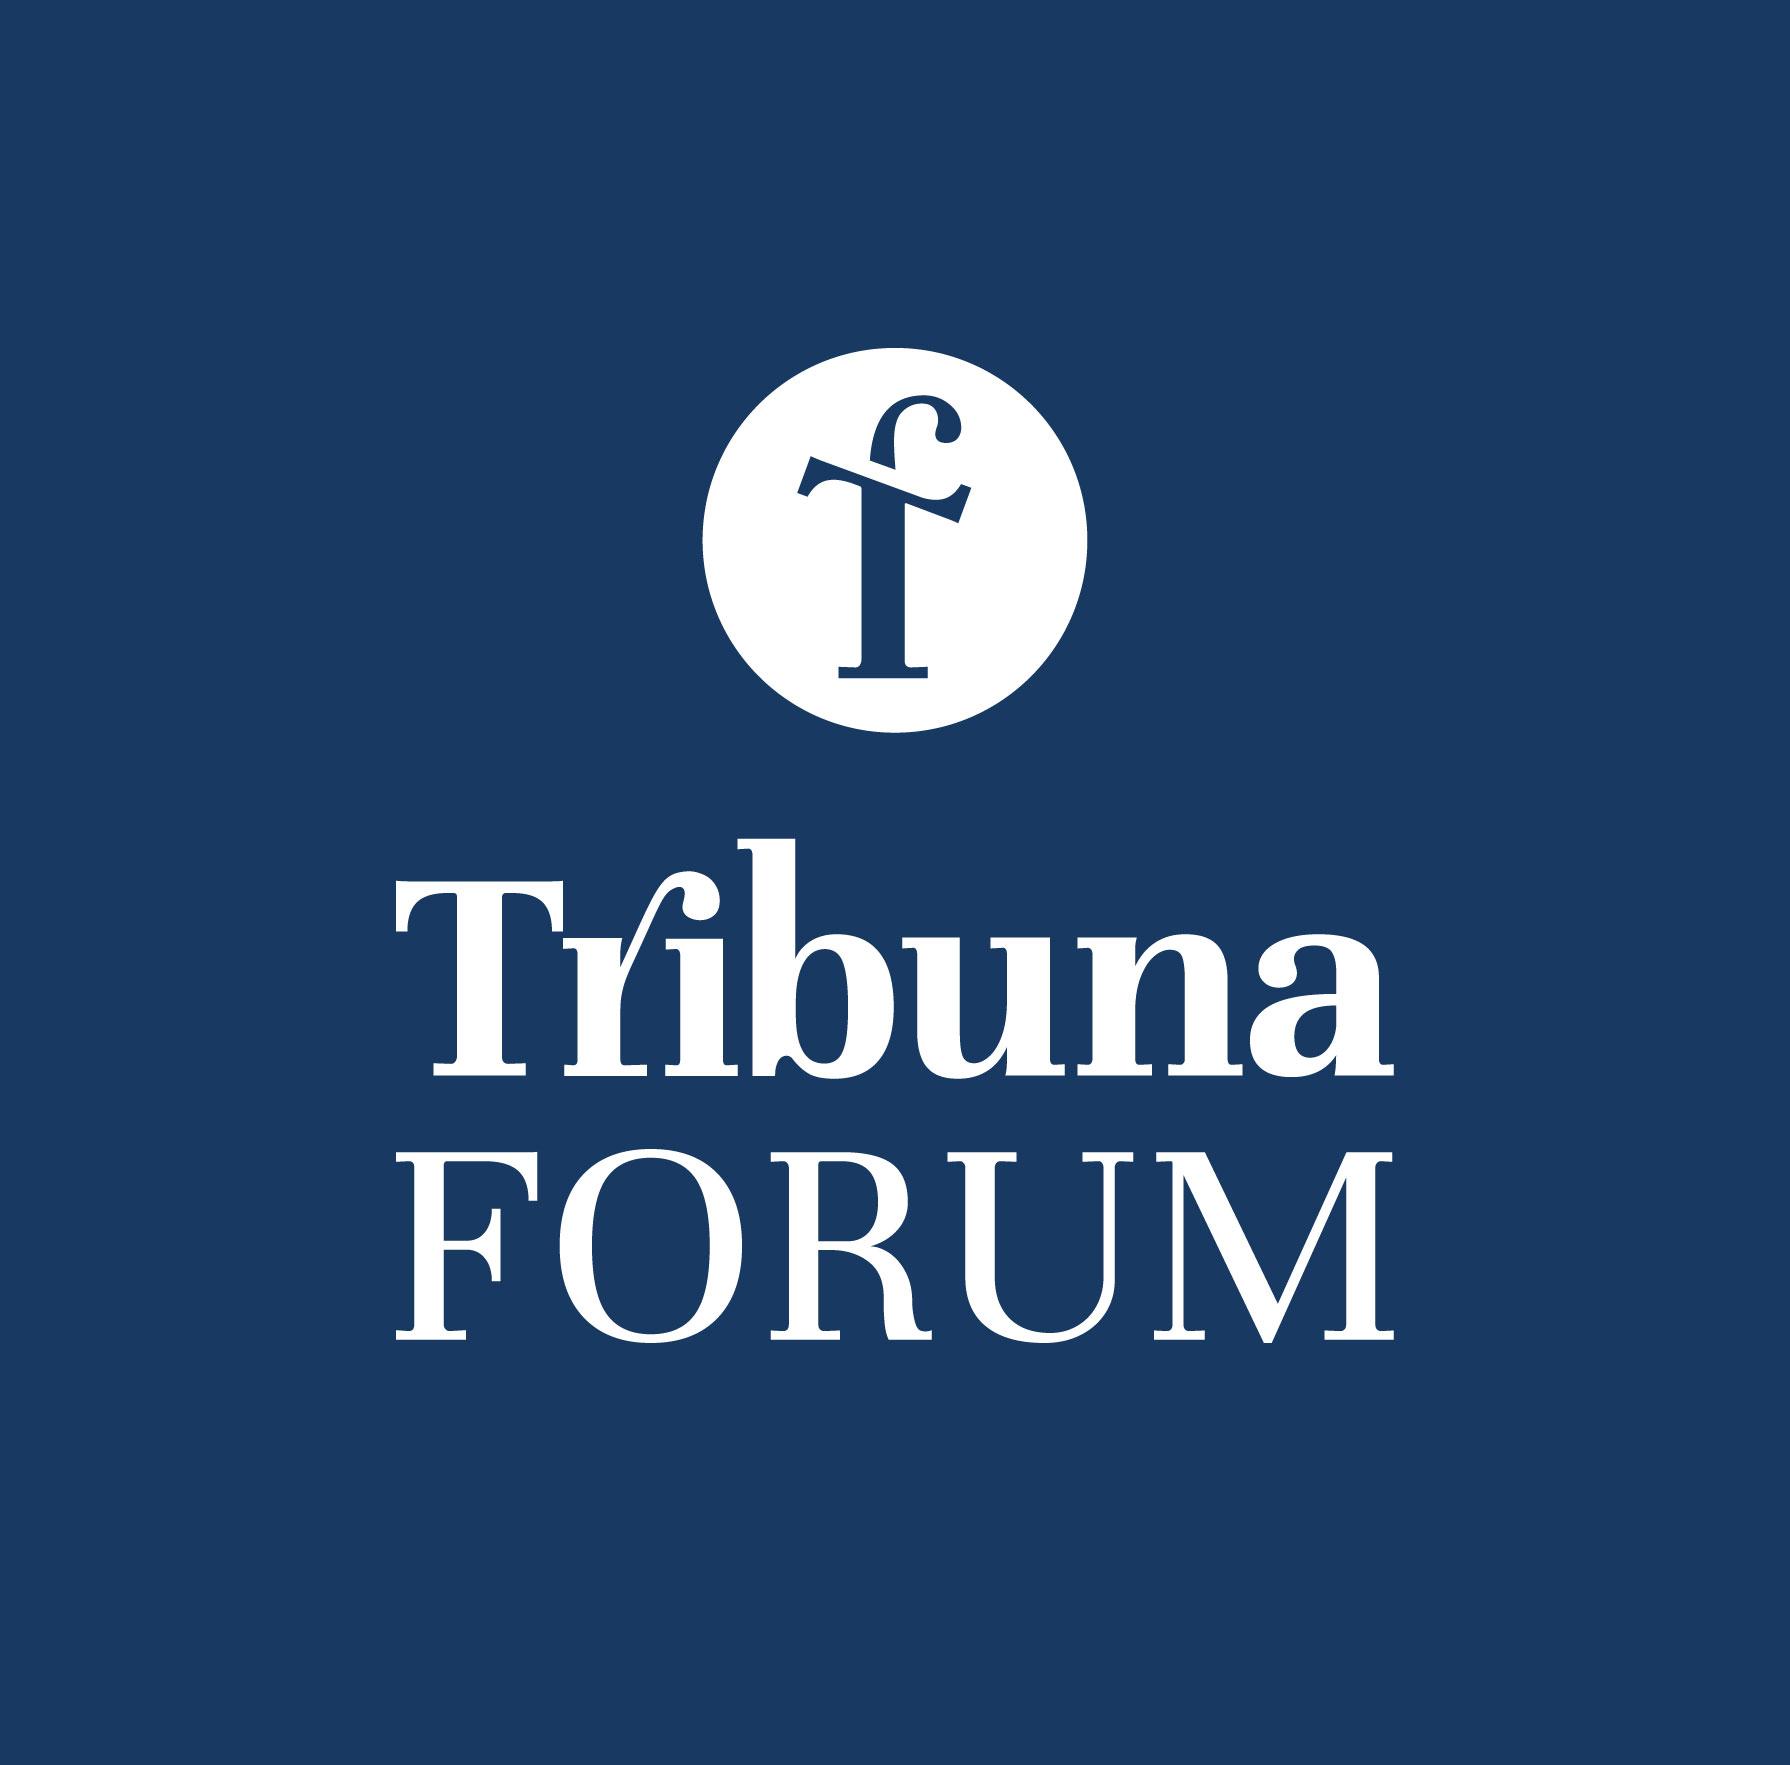 Diseño logo empresa de eventos